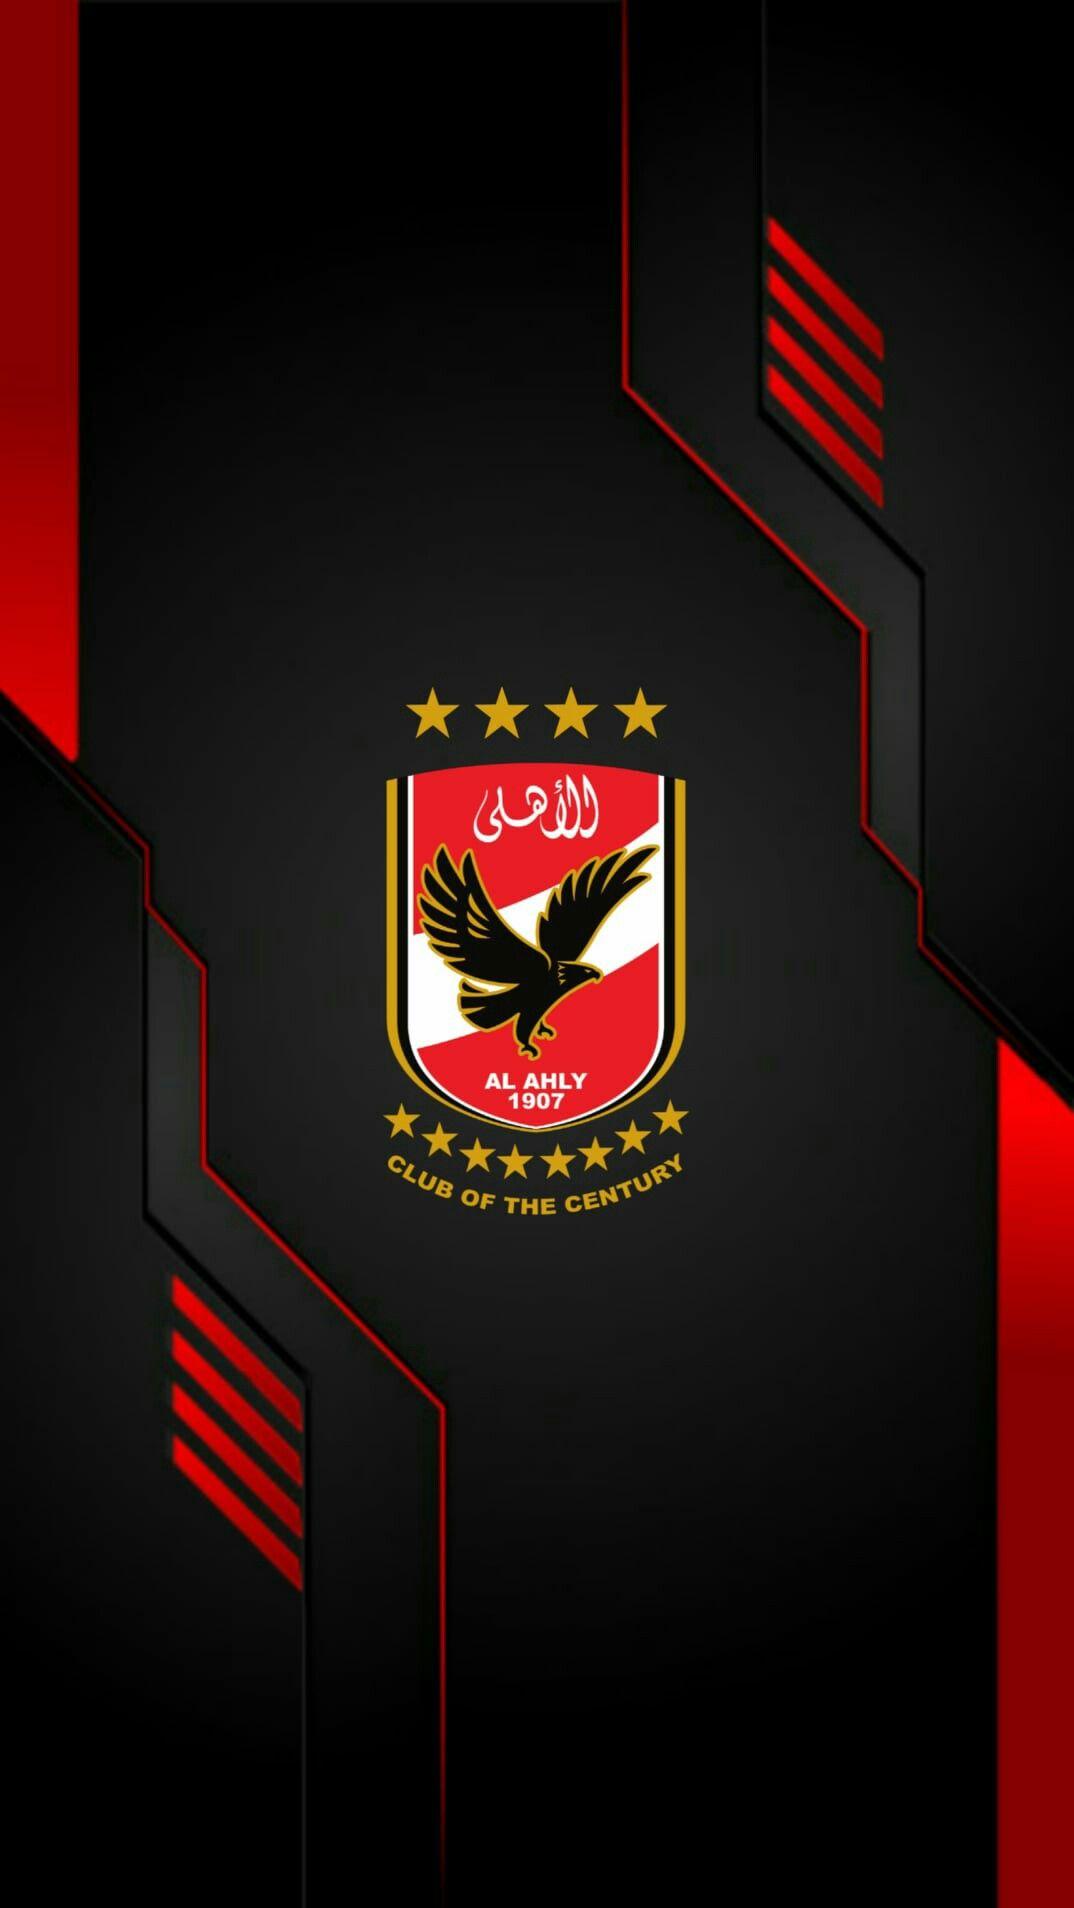 Al Ahly Wallpaper خلفيات الأهلى Football Wallpaper Al Ahly Sc Funny Picture Jokes